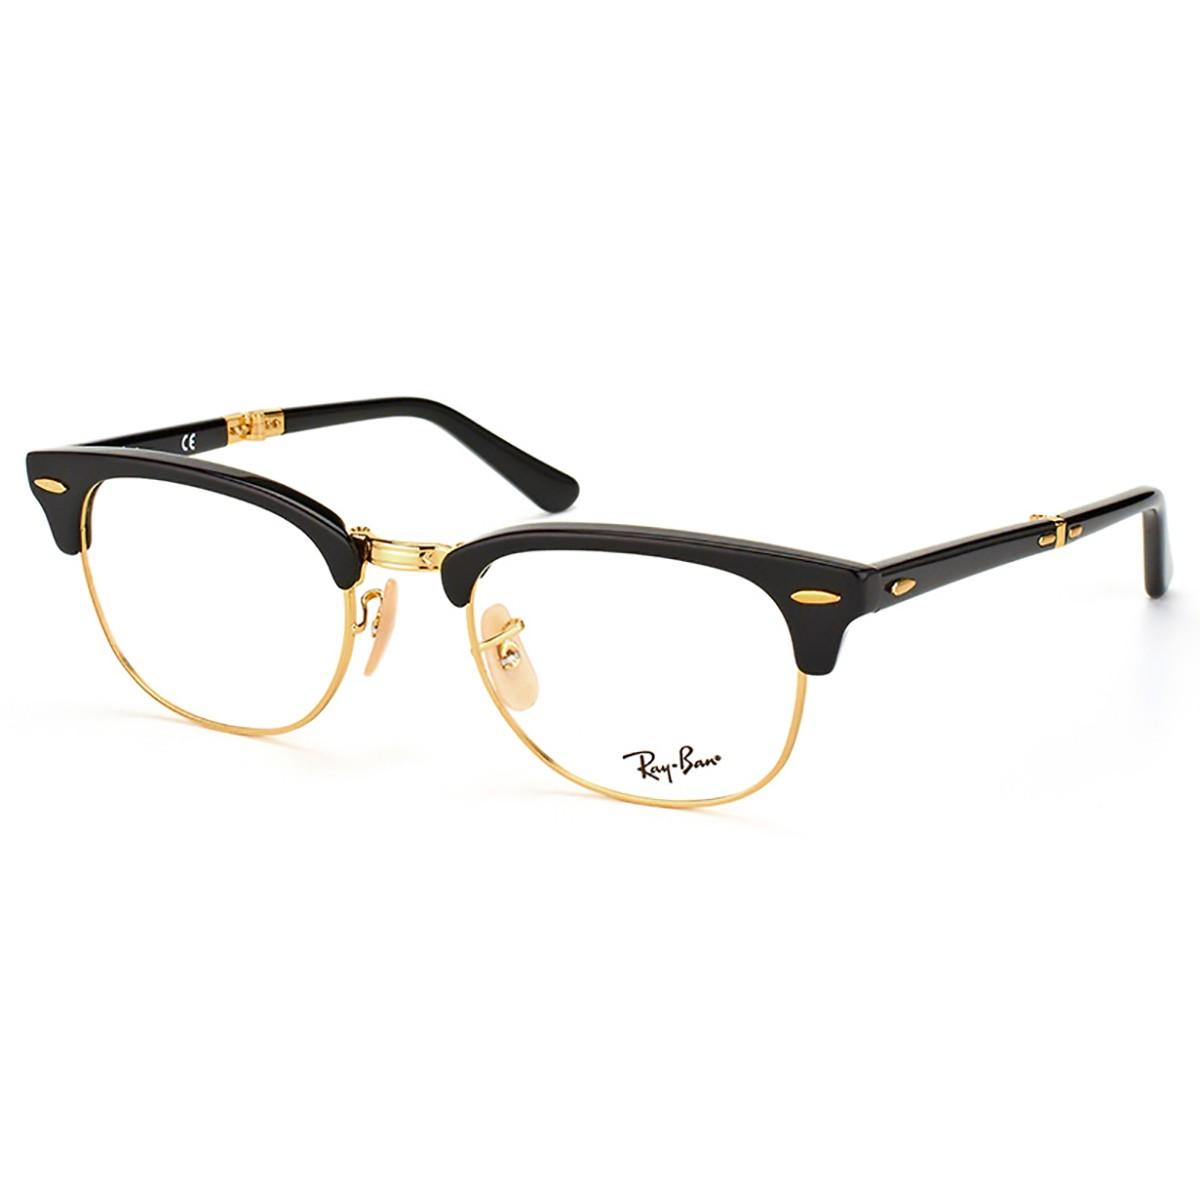 Compre Óculos de Grau Ray Ban ClubMaster Dobrável em 10X   Tri-Jóia Shop 4a874bd092